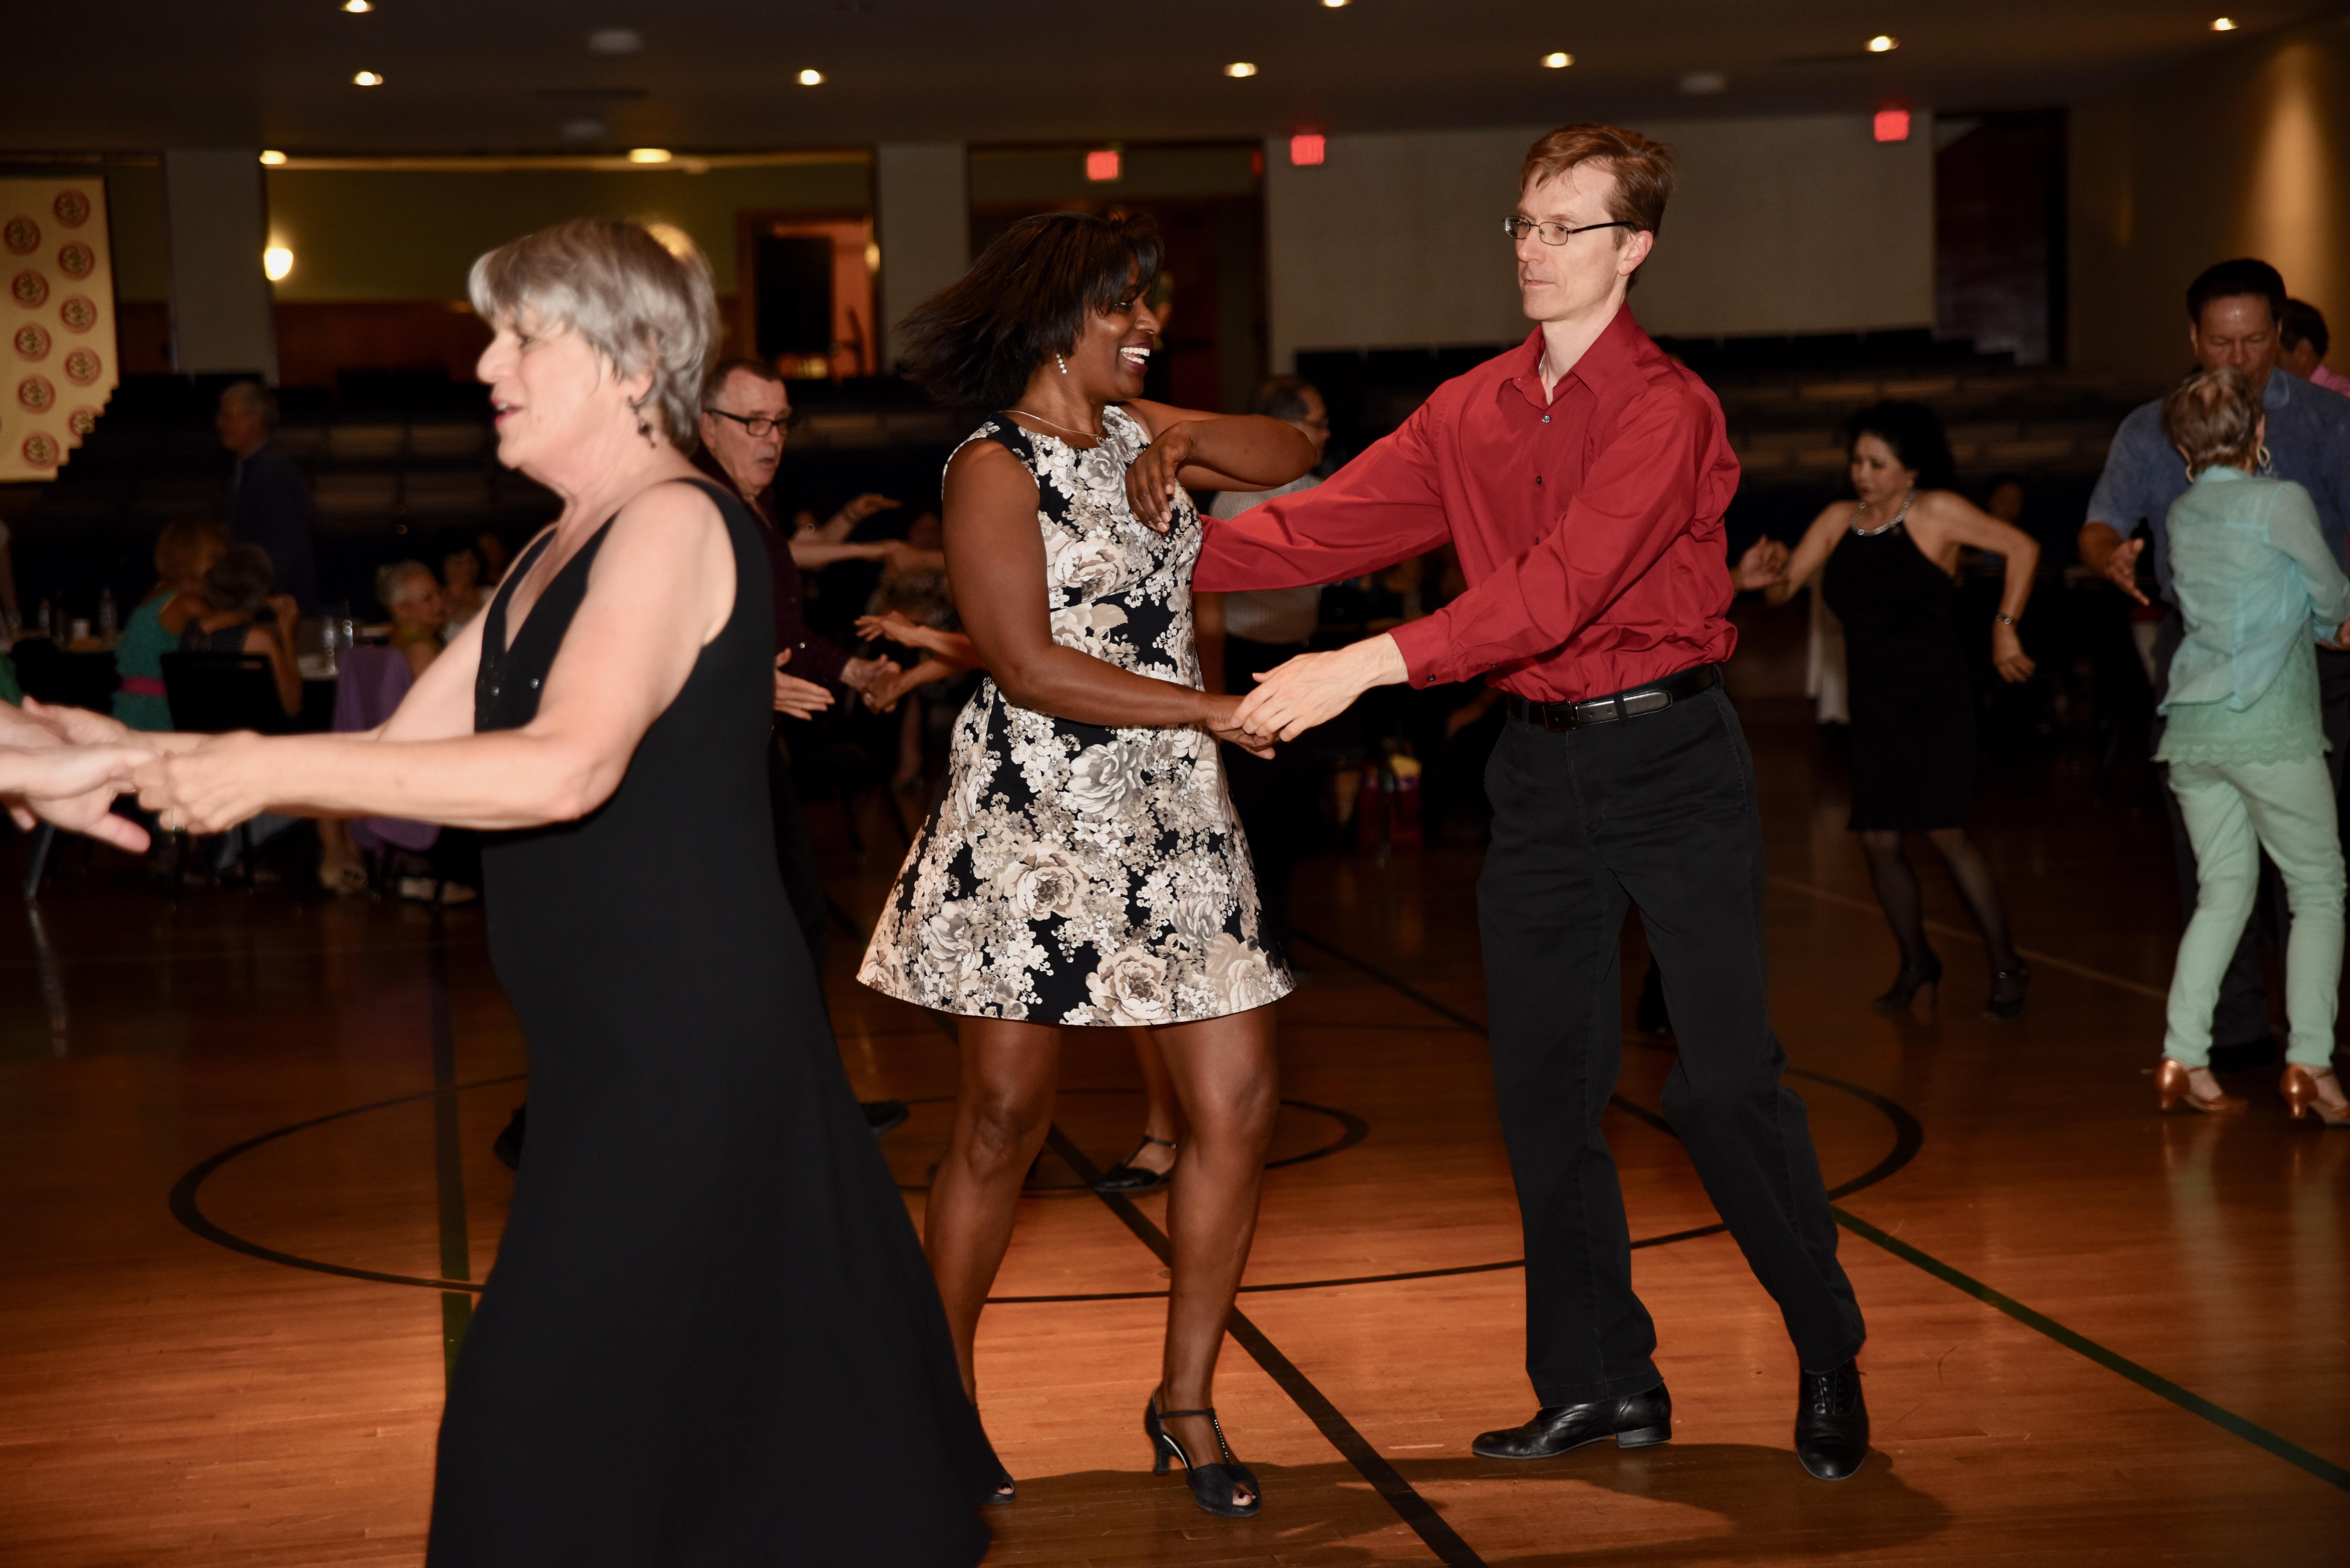 USA Dance, Inc